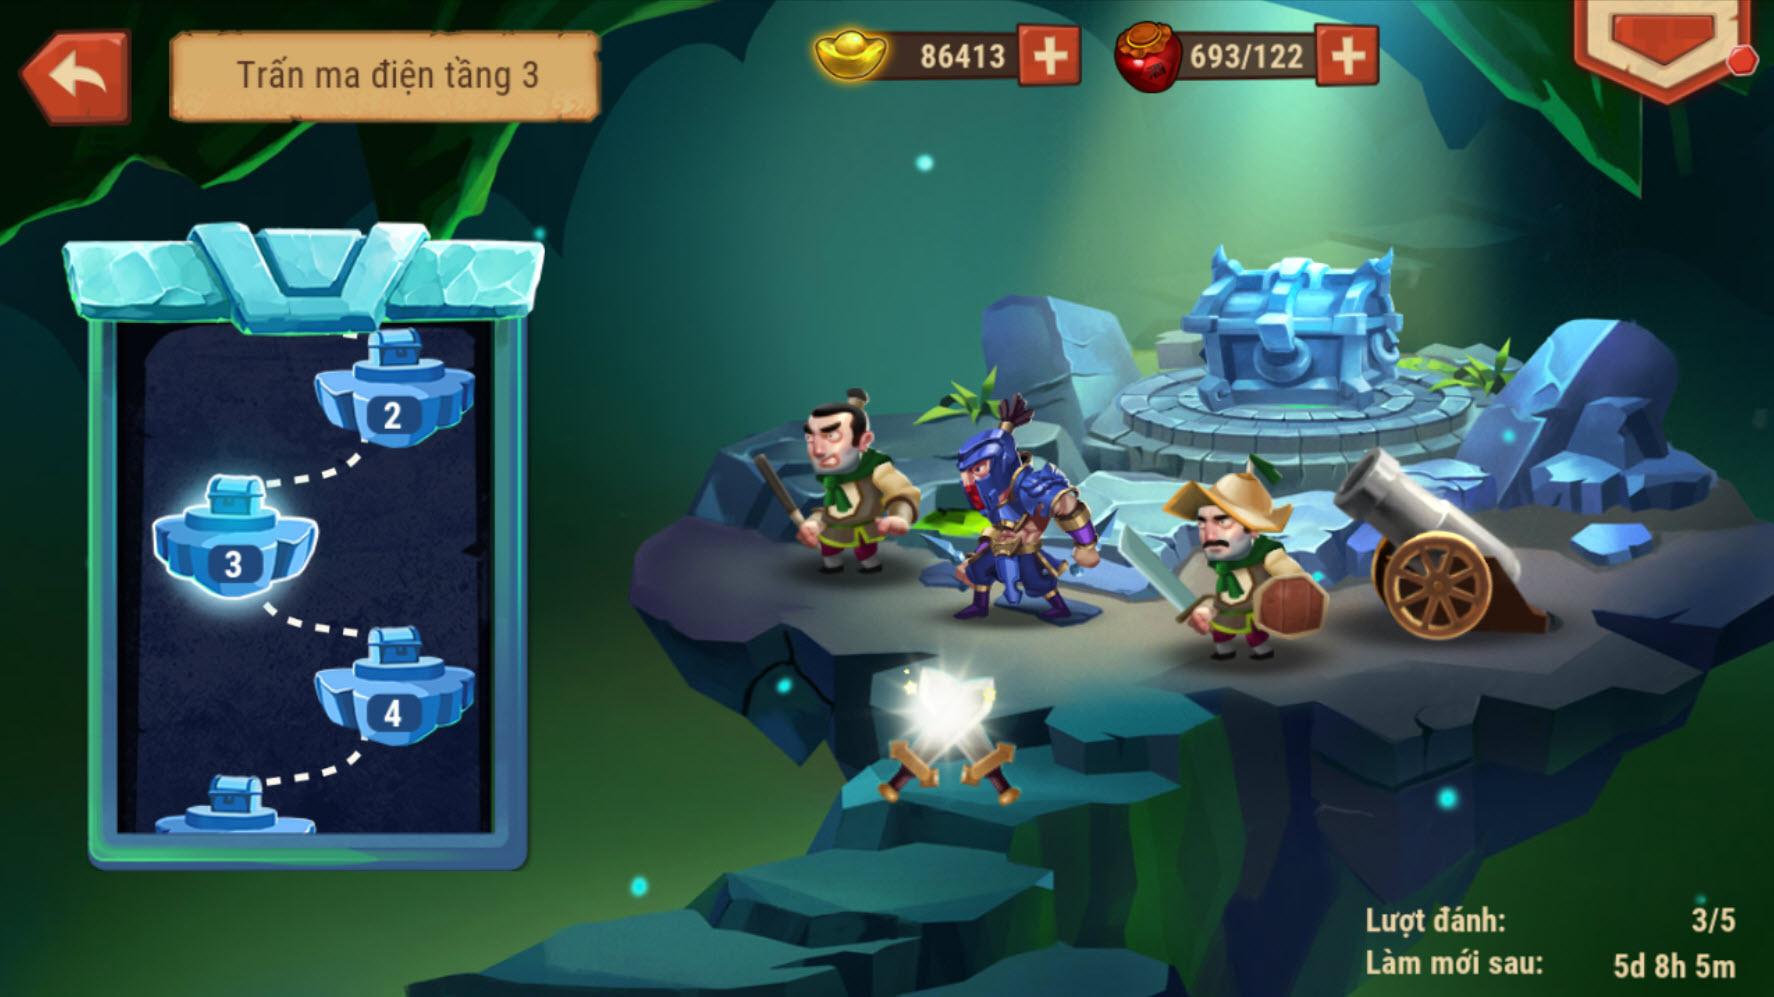 Anh hùng Võ Tòng đả hổ được khắc họa oai phong trong game Hảo Hán Ca Mobile 6